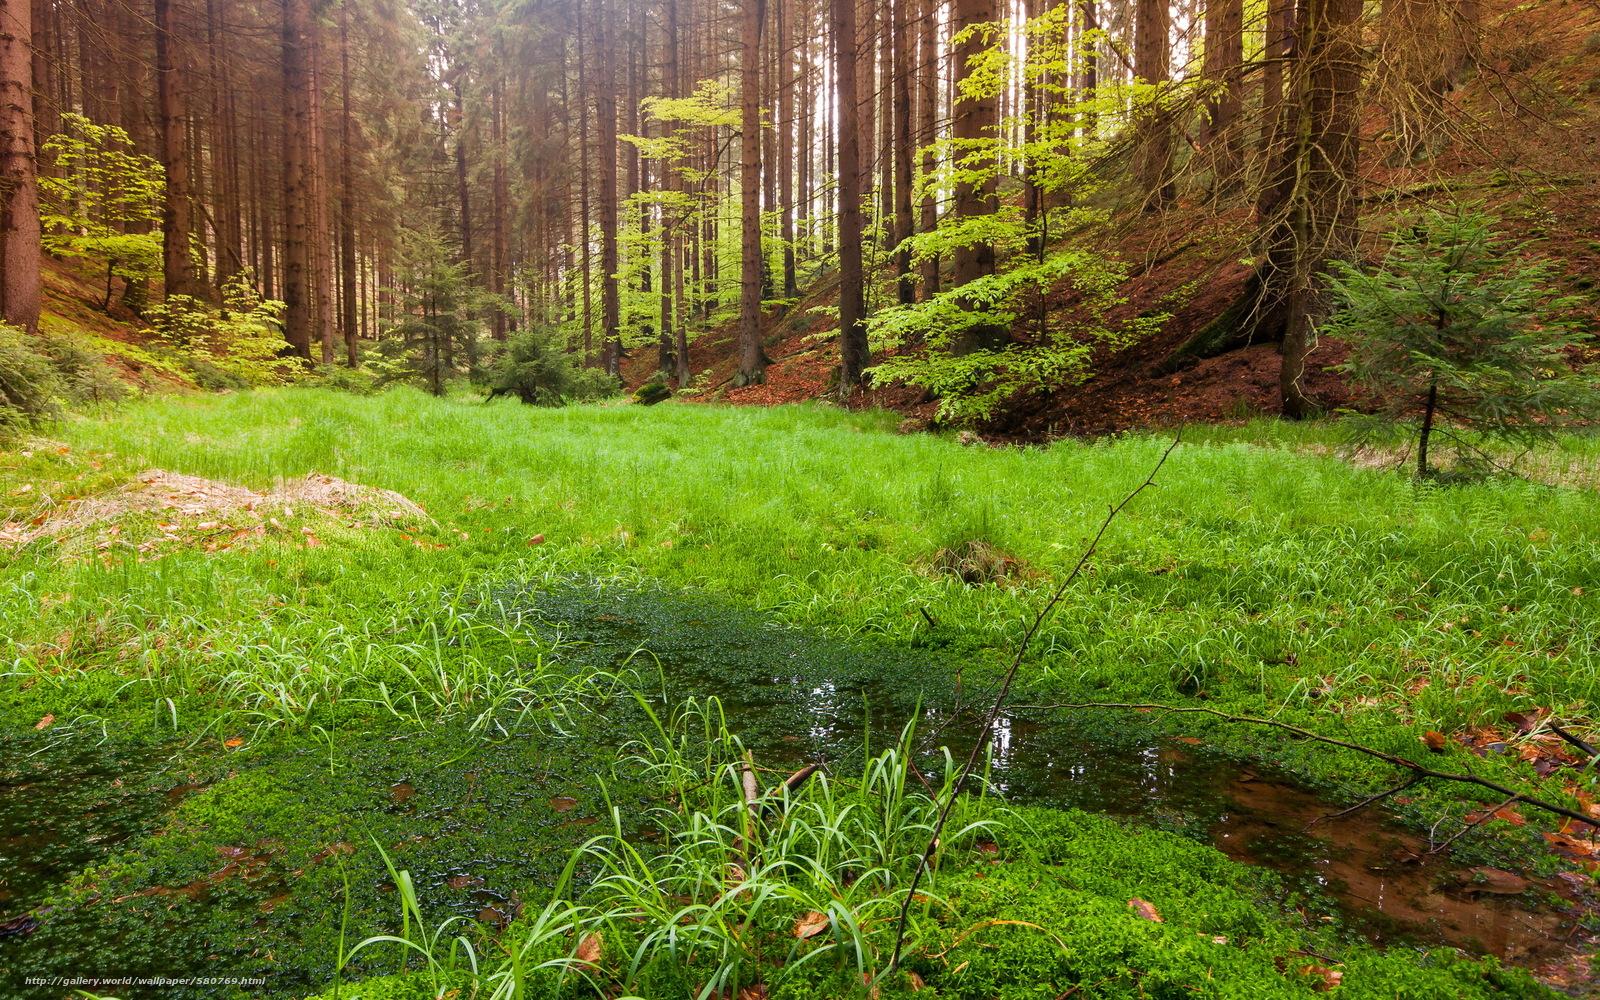 Download hintergrund natur, wald, landschaft freie desktop tapeten in